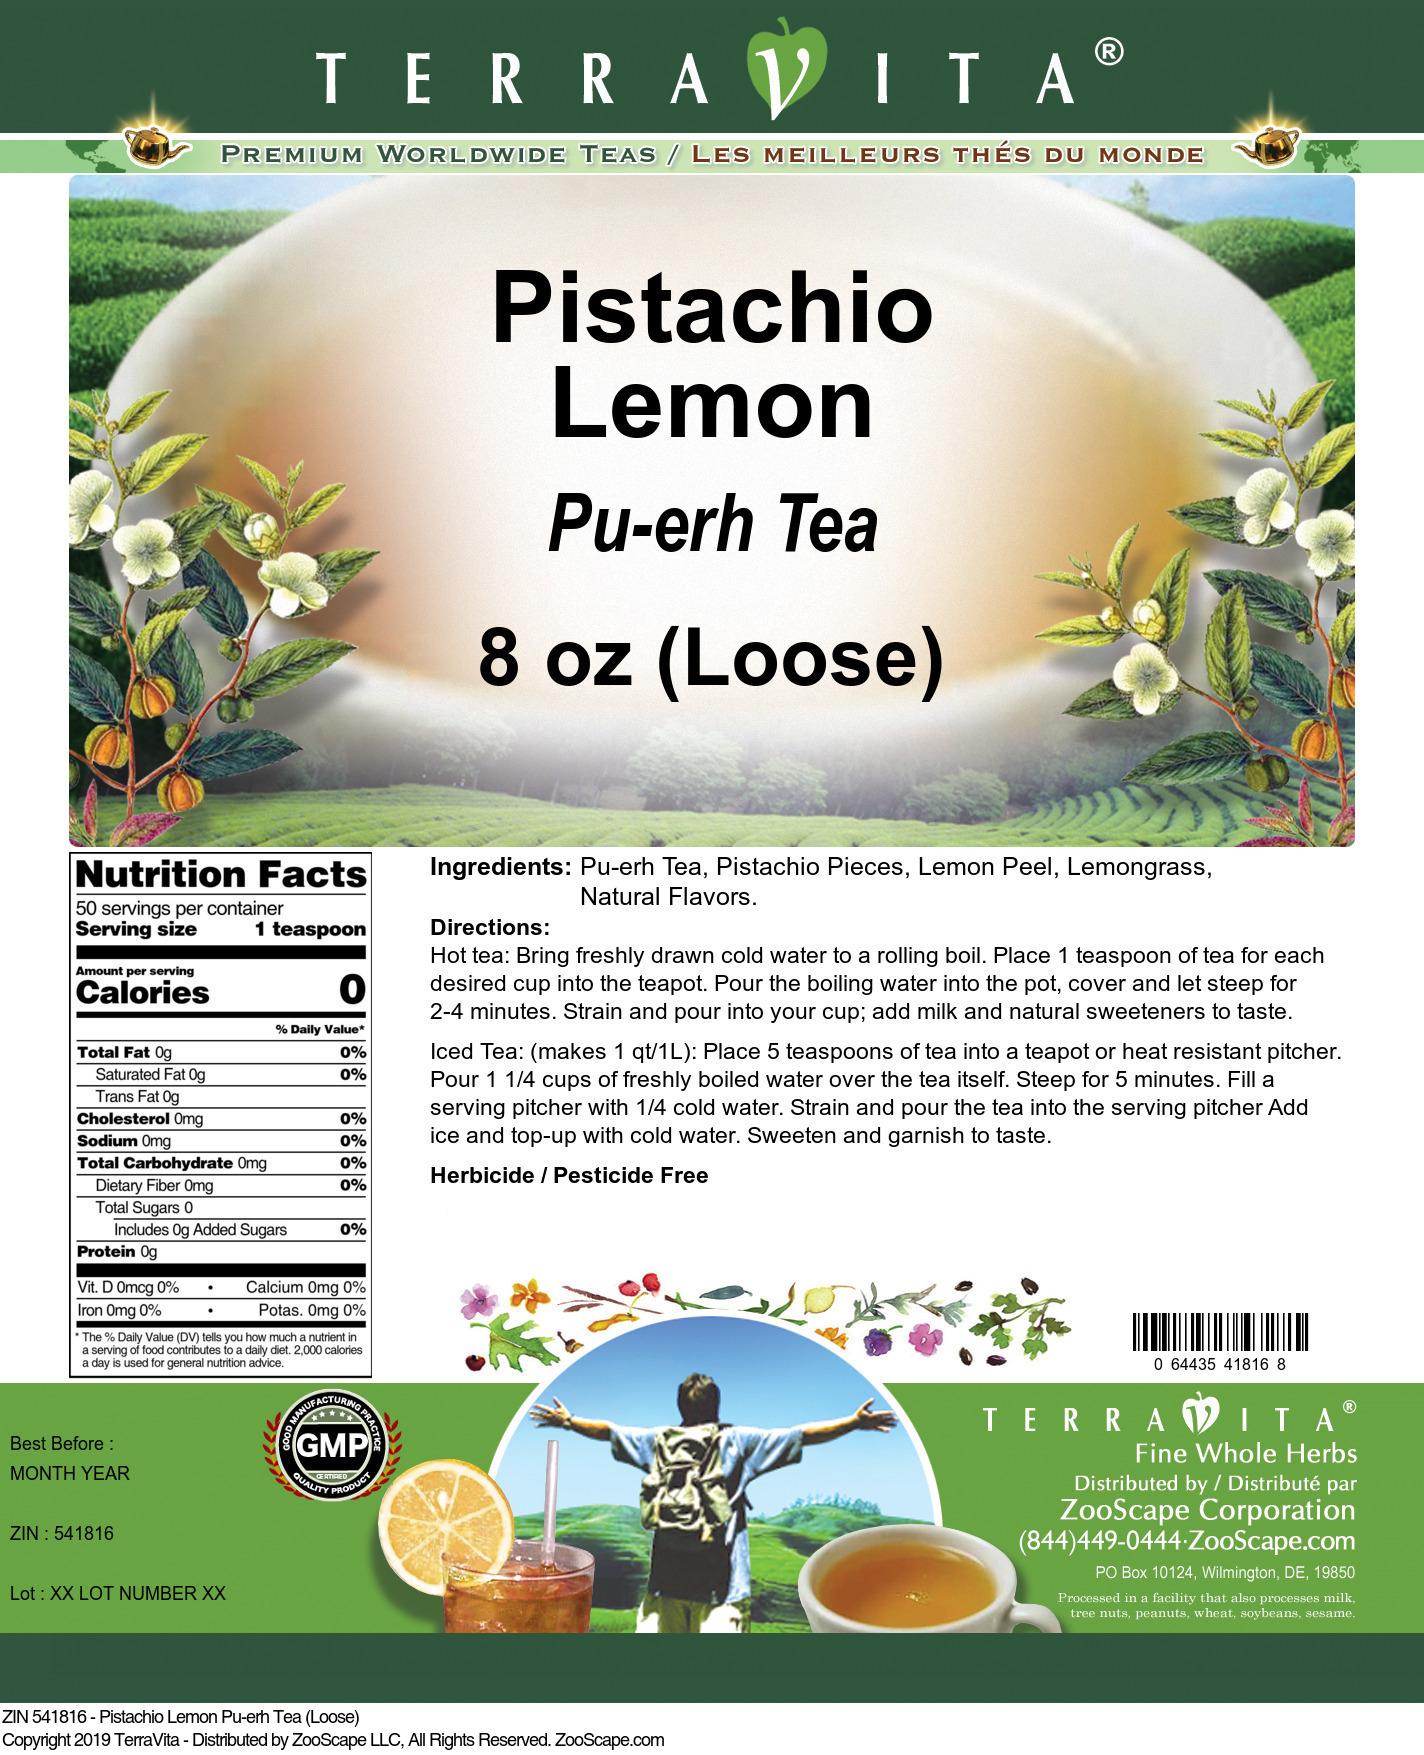 Pistachio Lemon Pu-erh Tea